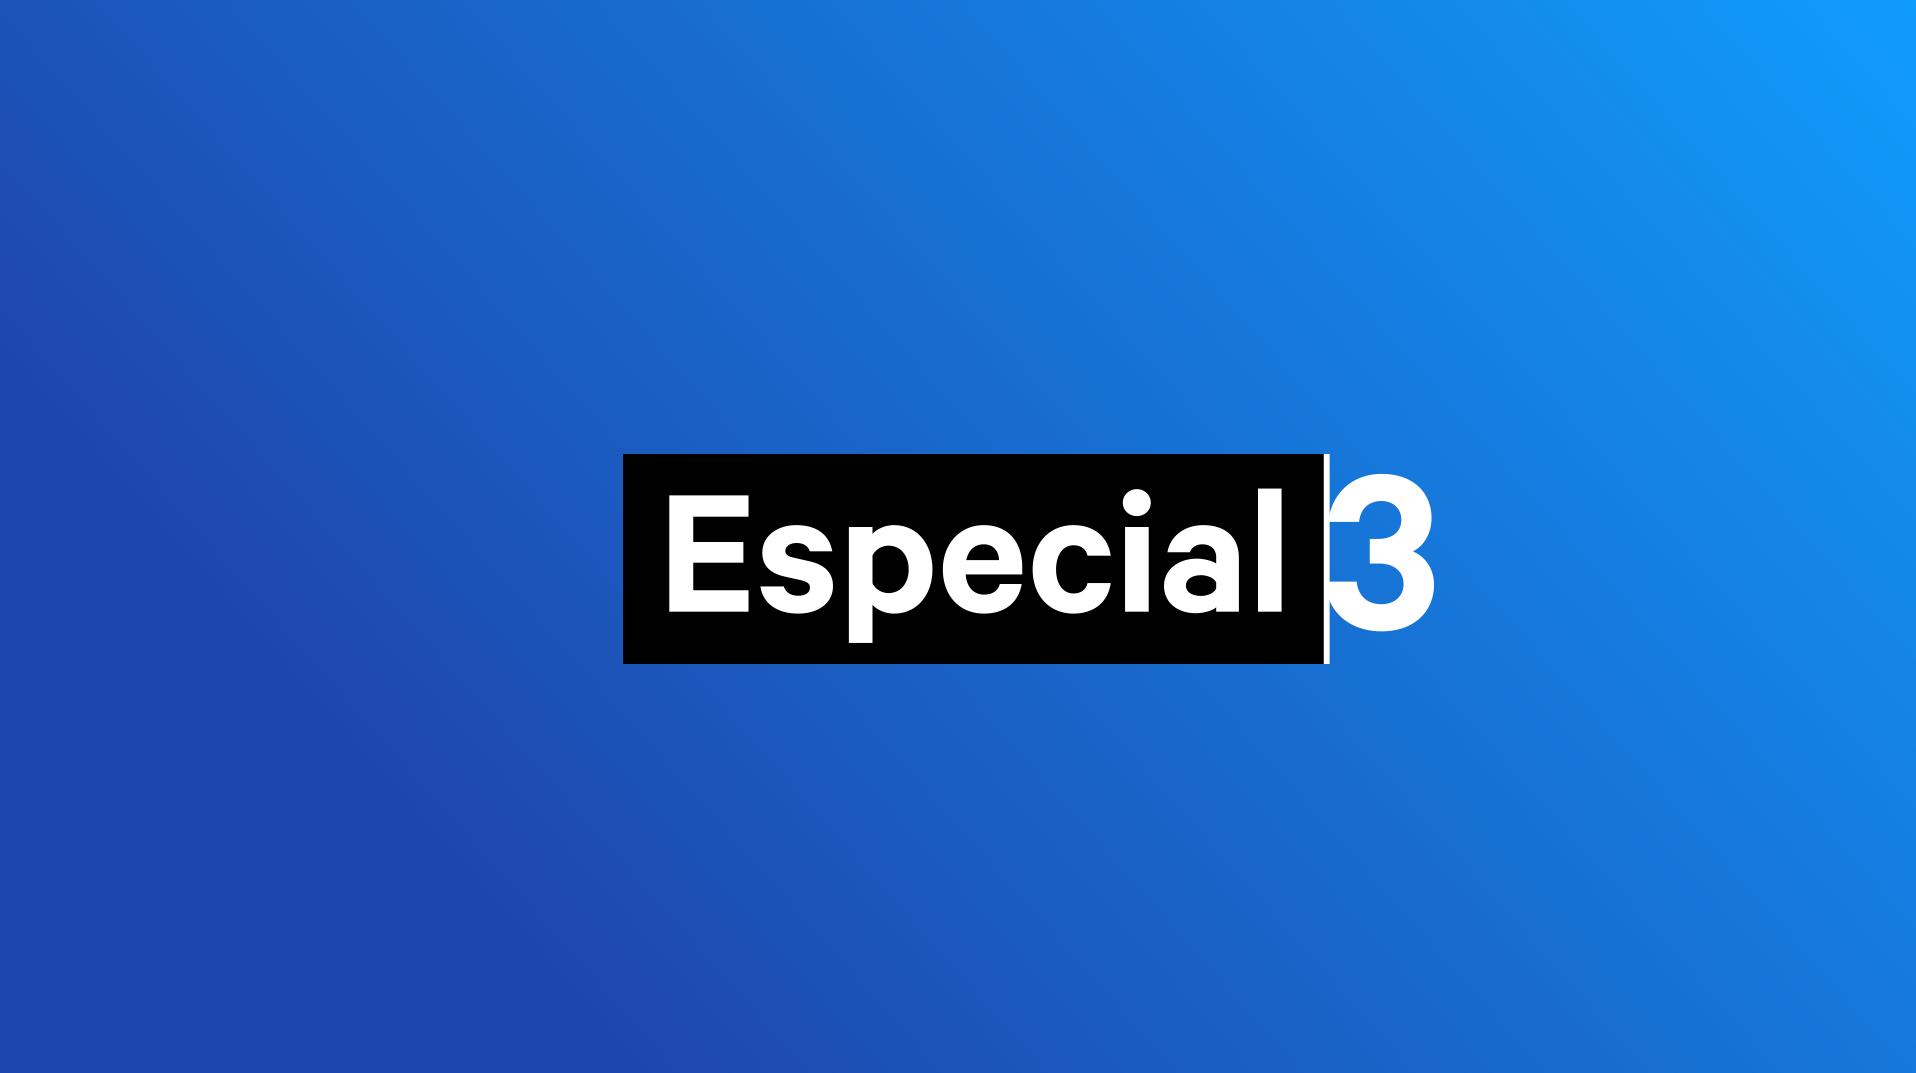 Especial 3